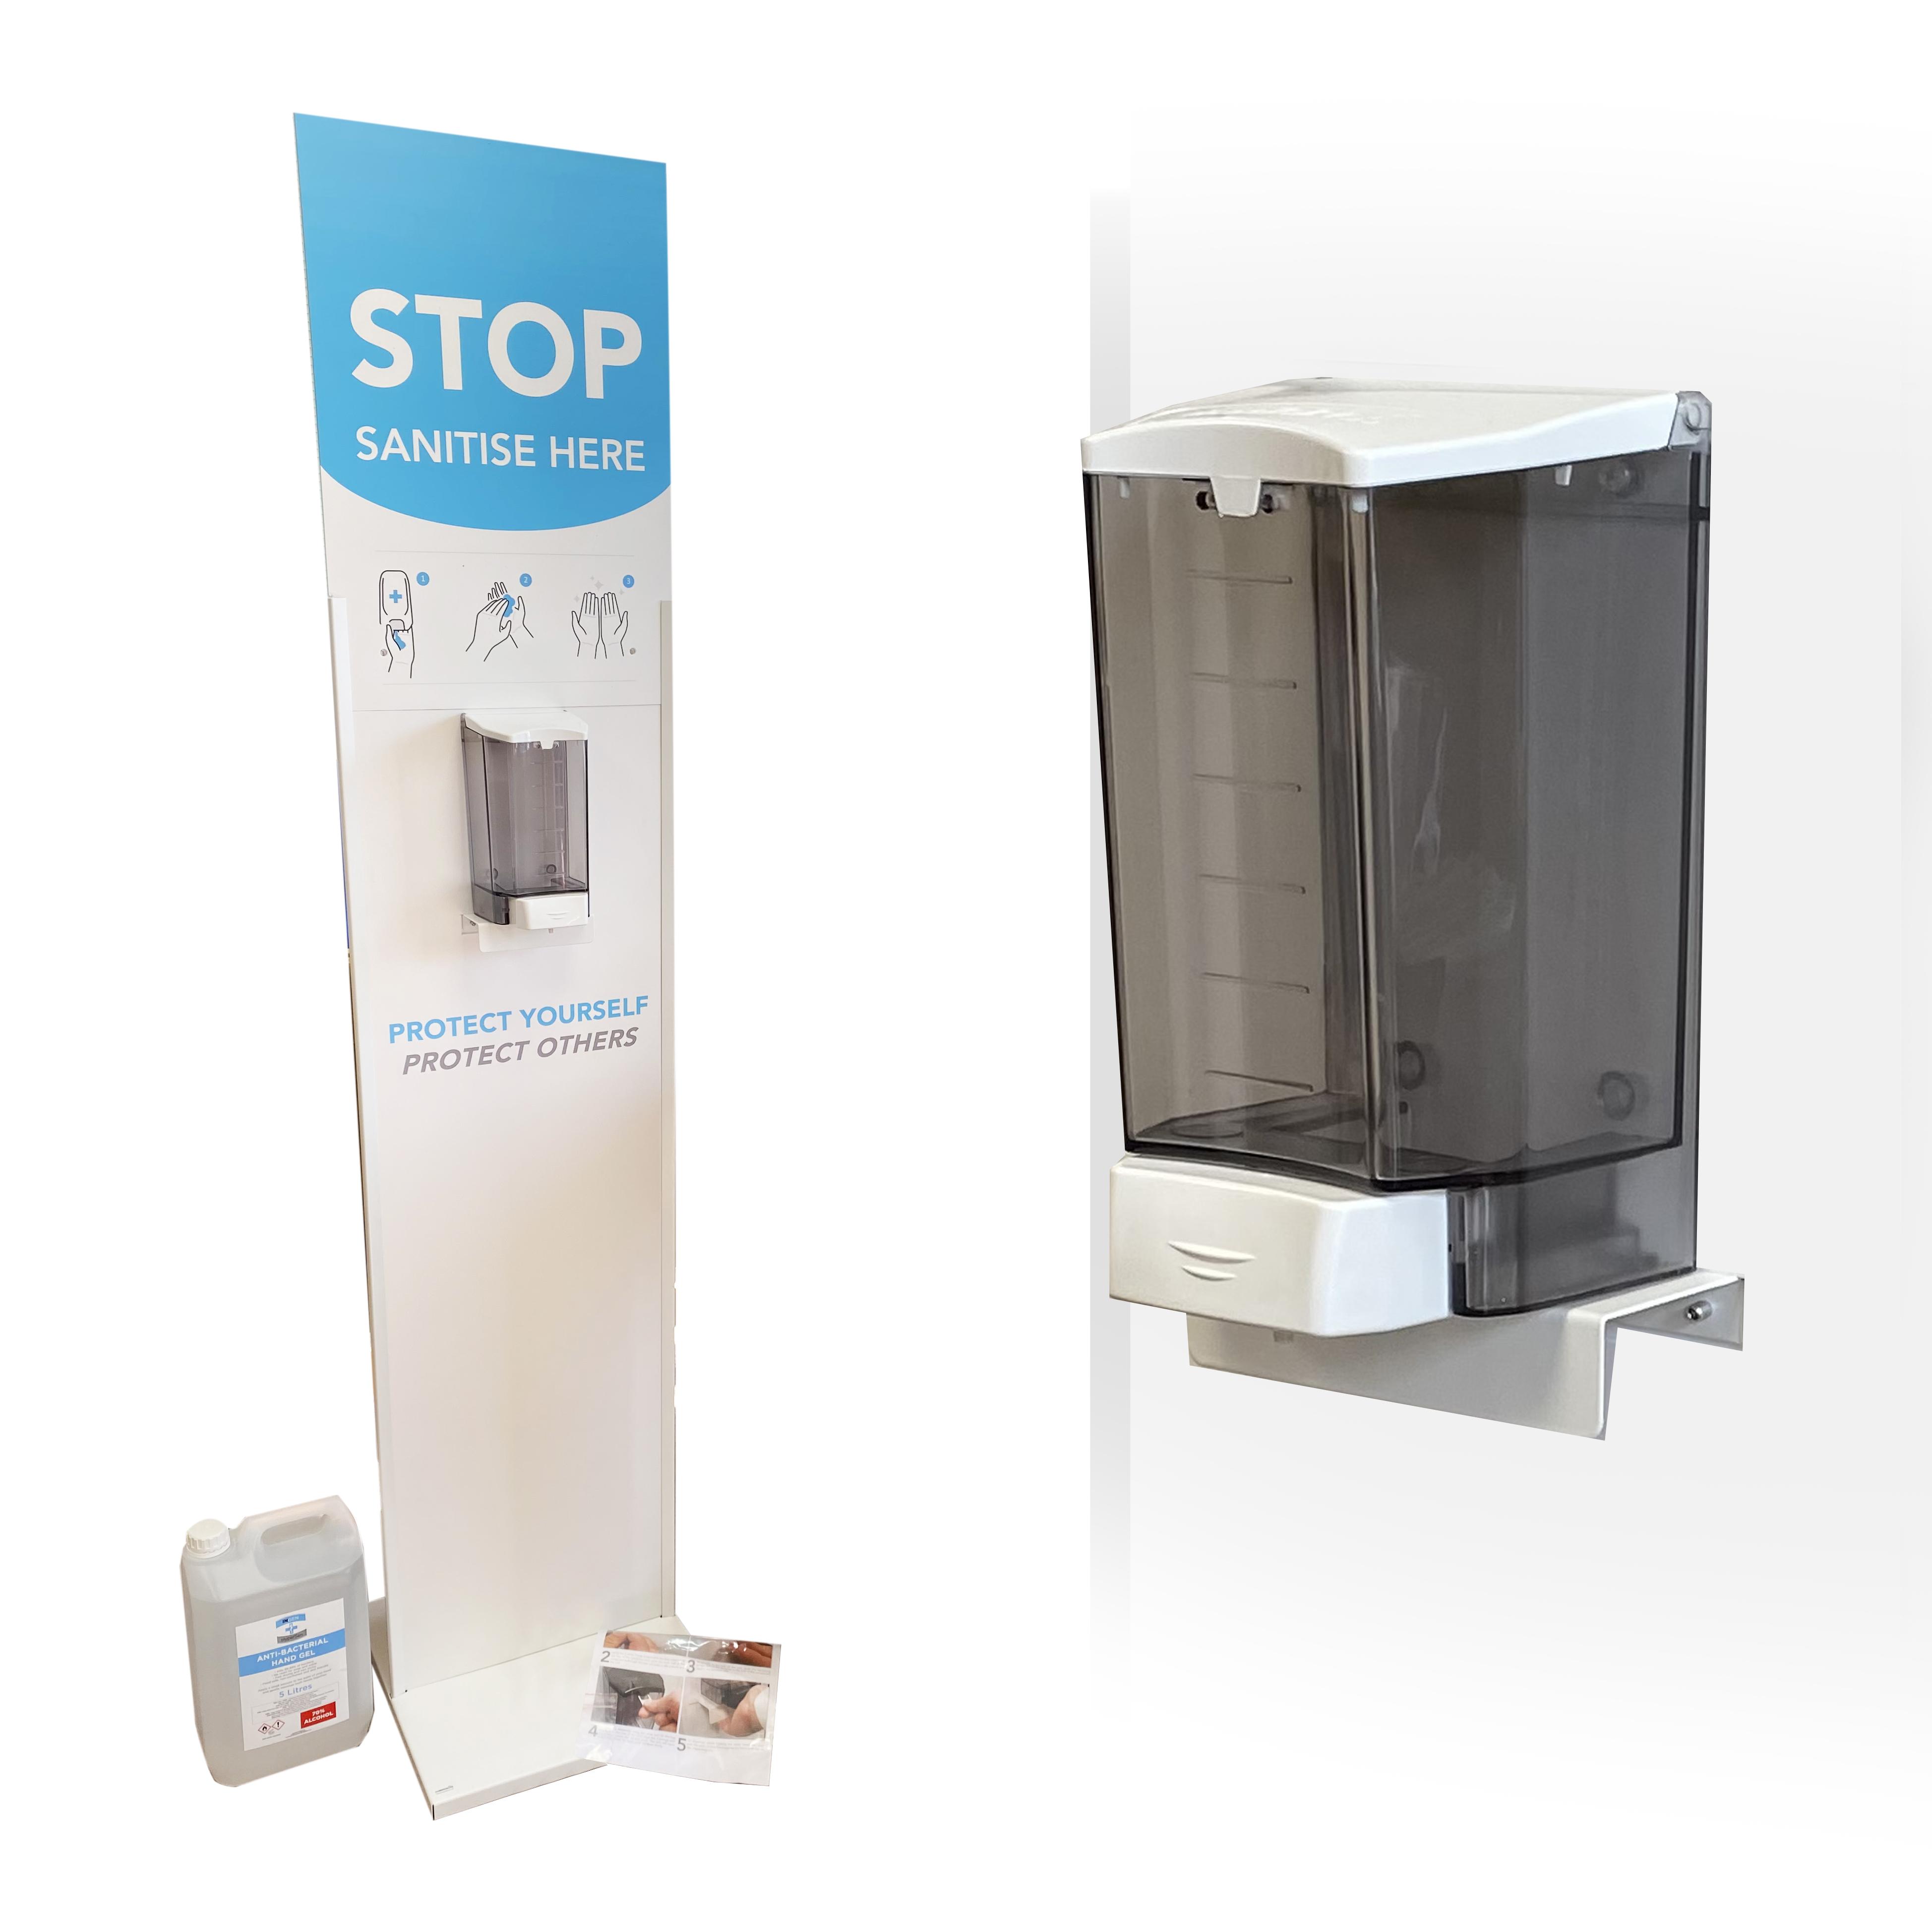 Hand sanitising station